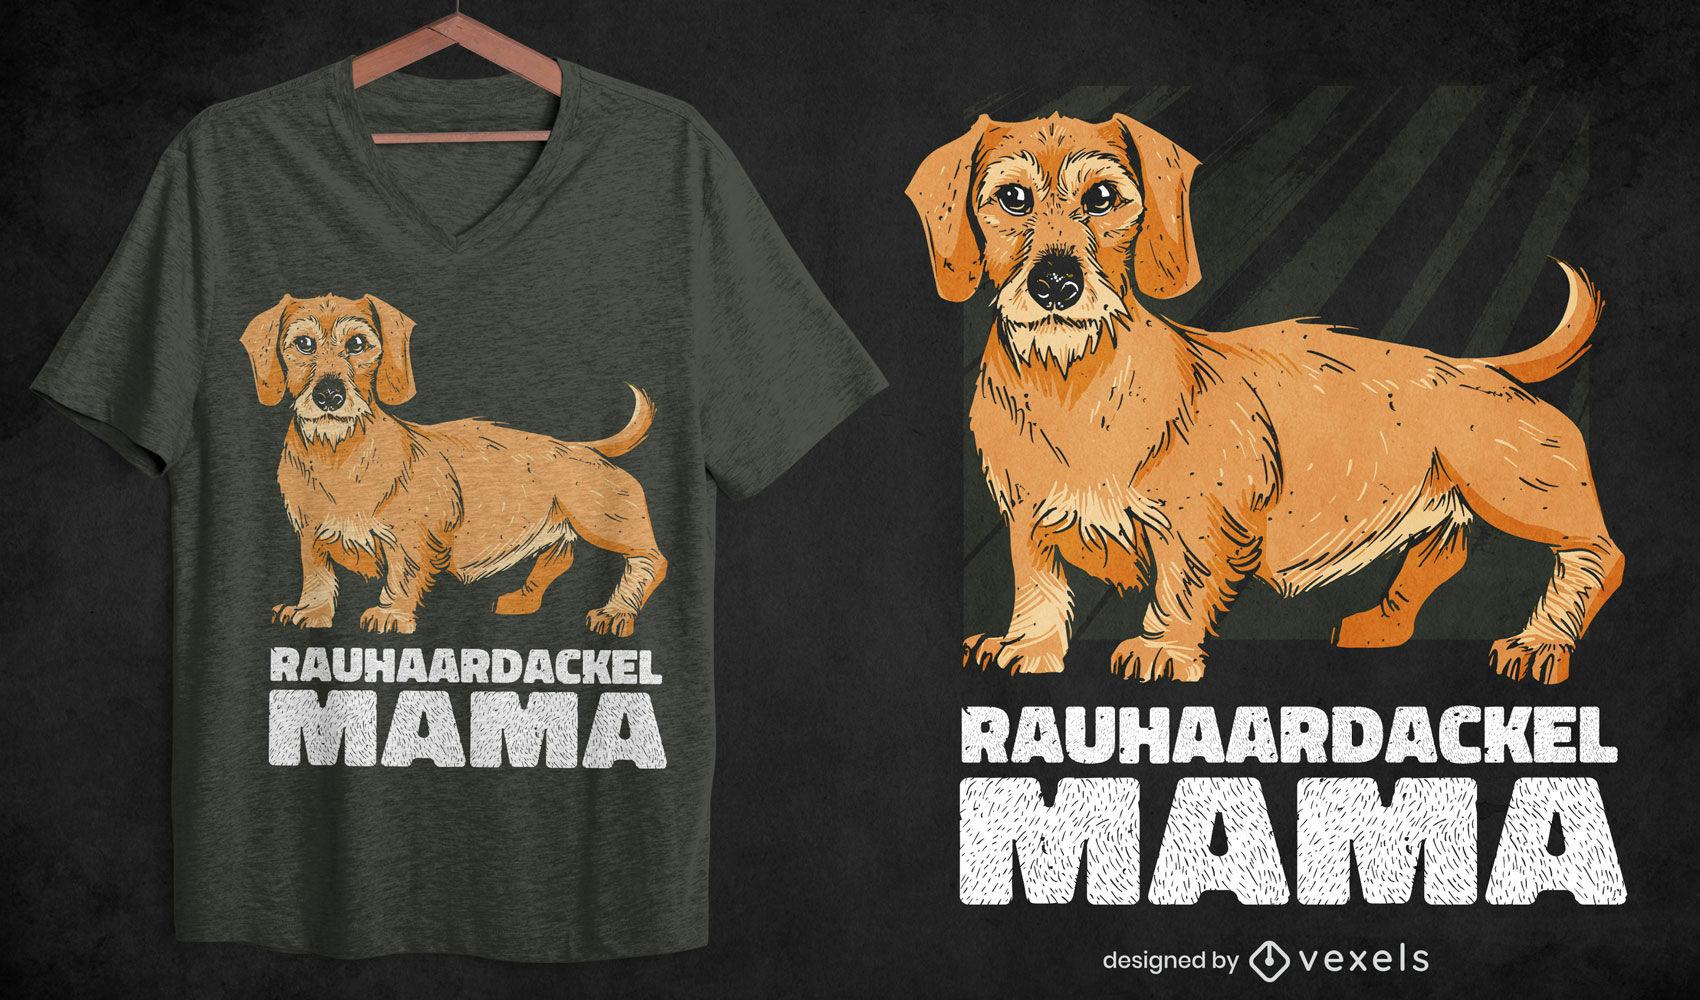 Rauhaardackel mama dog t-shirt design